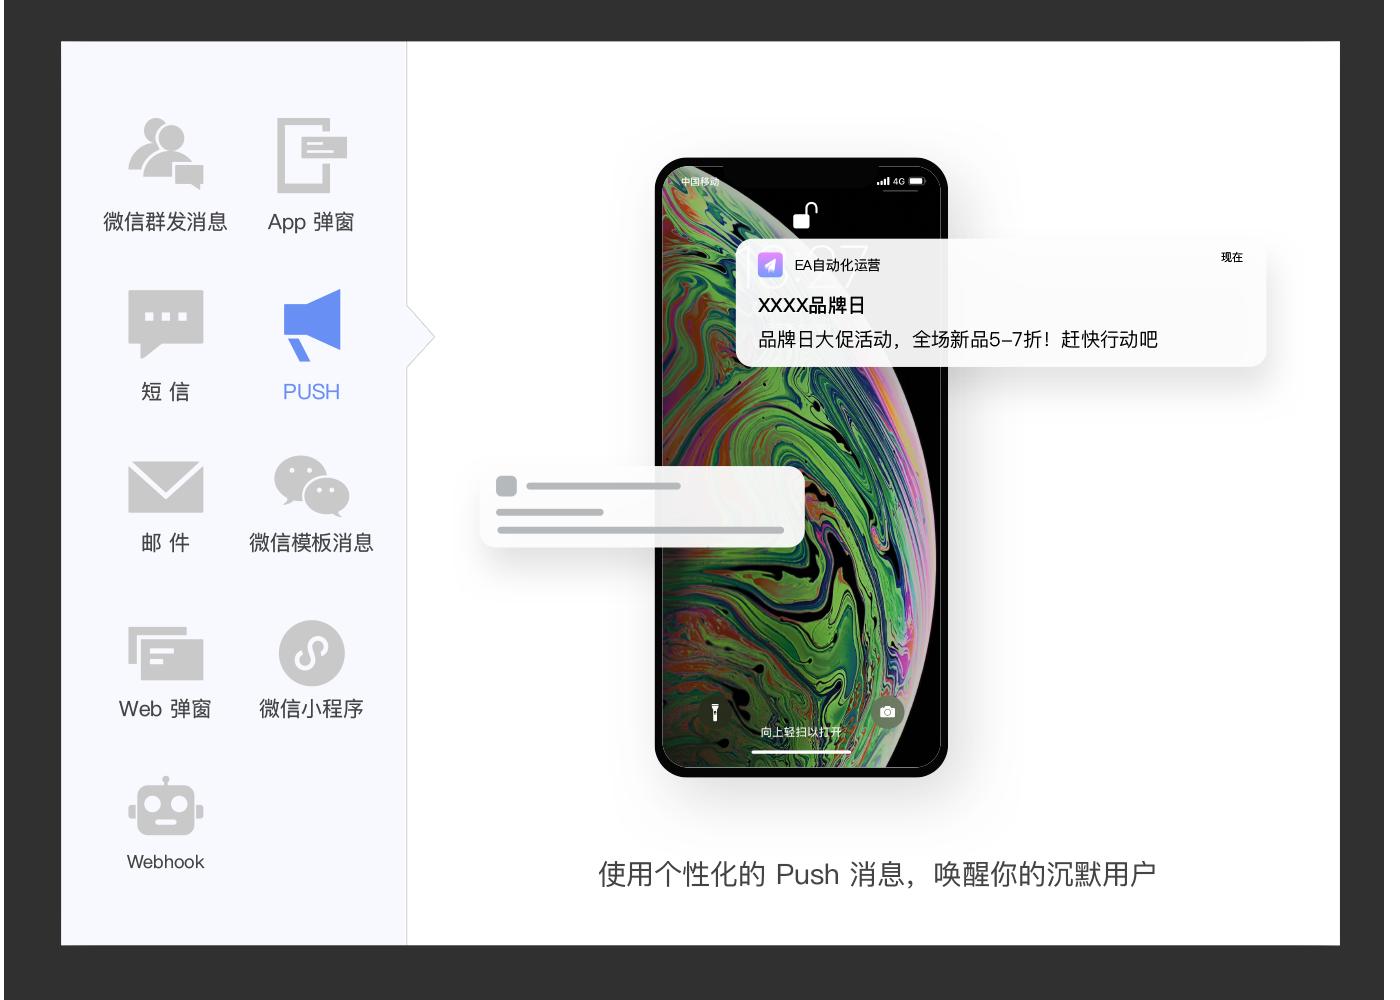 手机屏幕截图 描述已自动生成